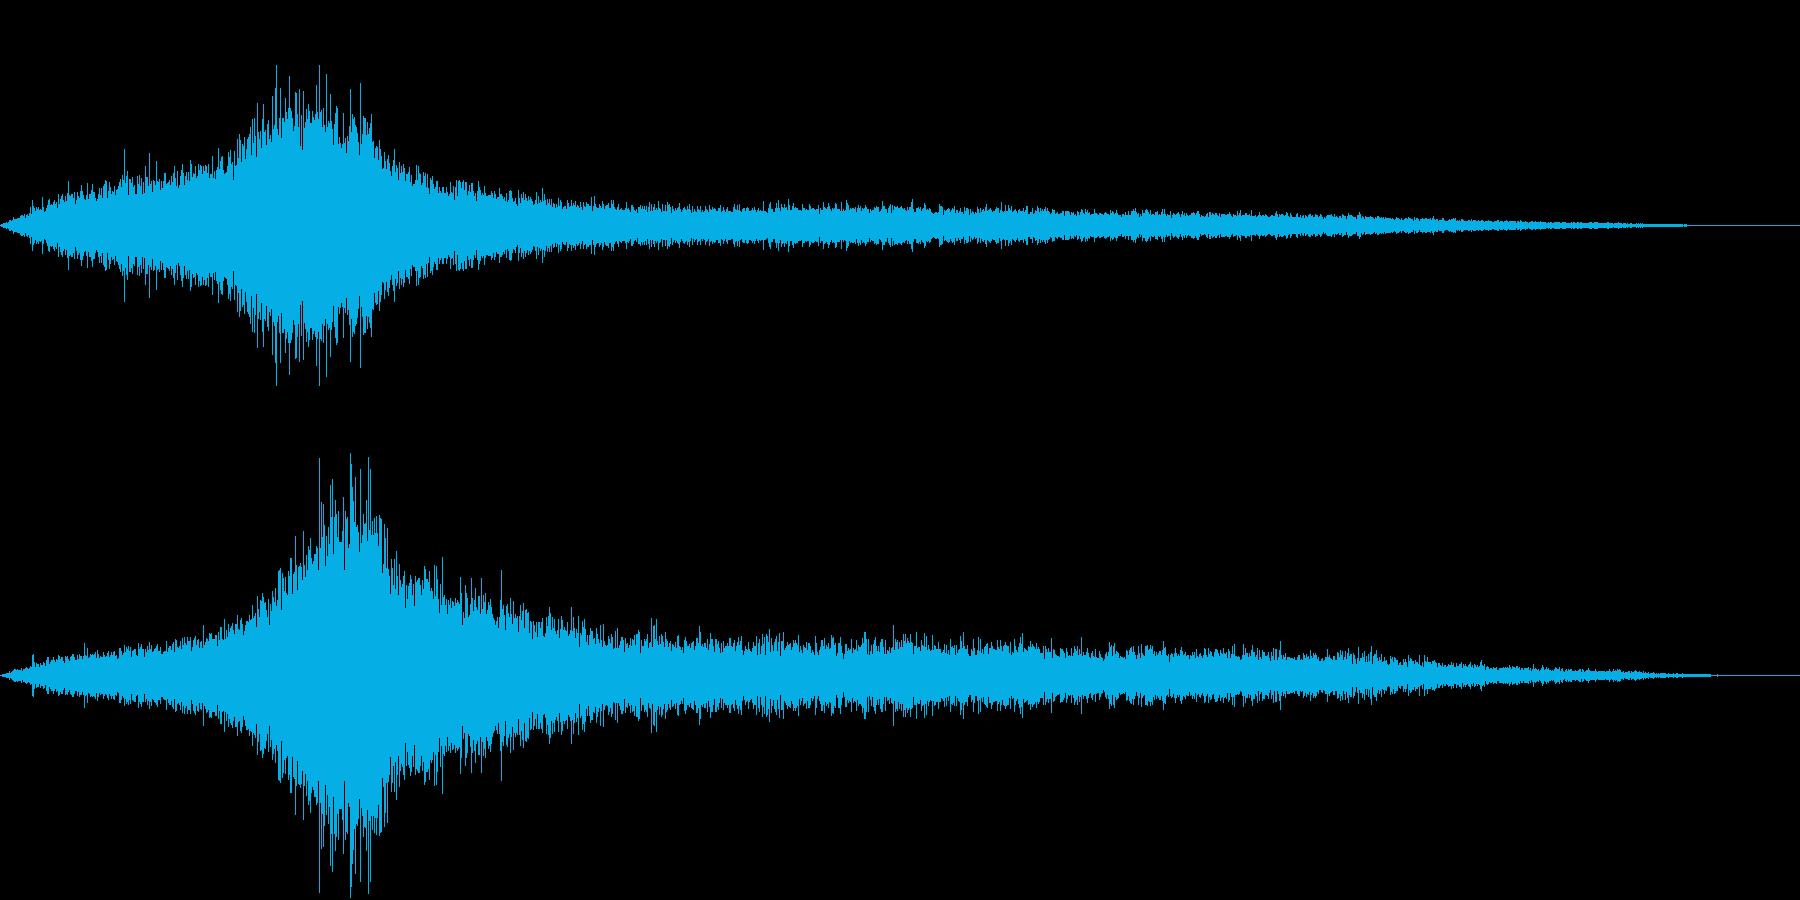 【生録音】建設会社のトラックの通る音の再生済みの波形